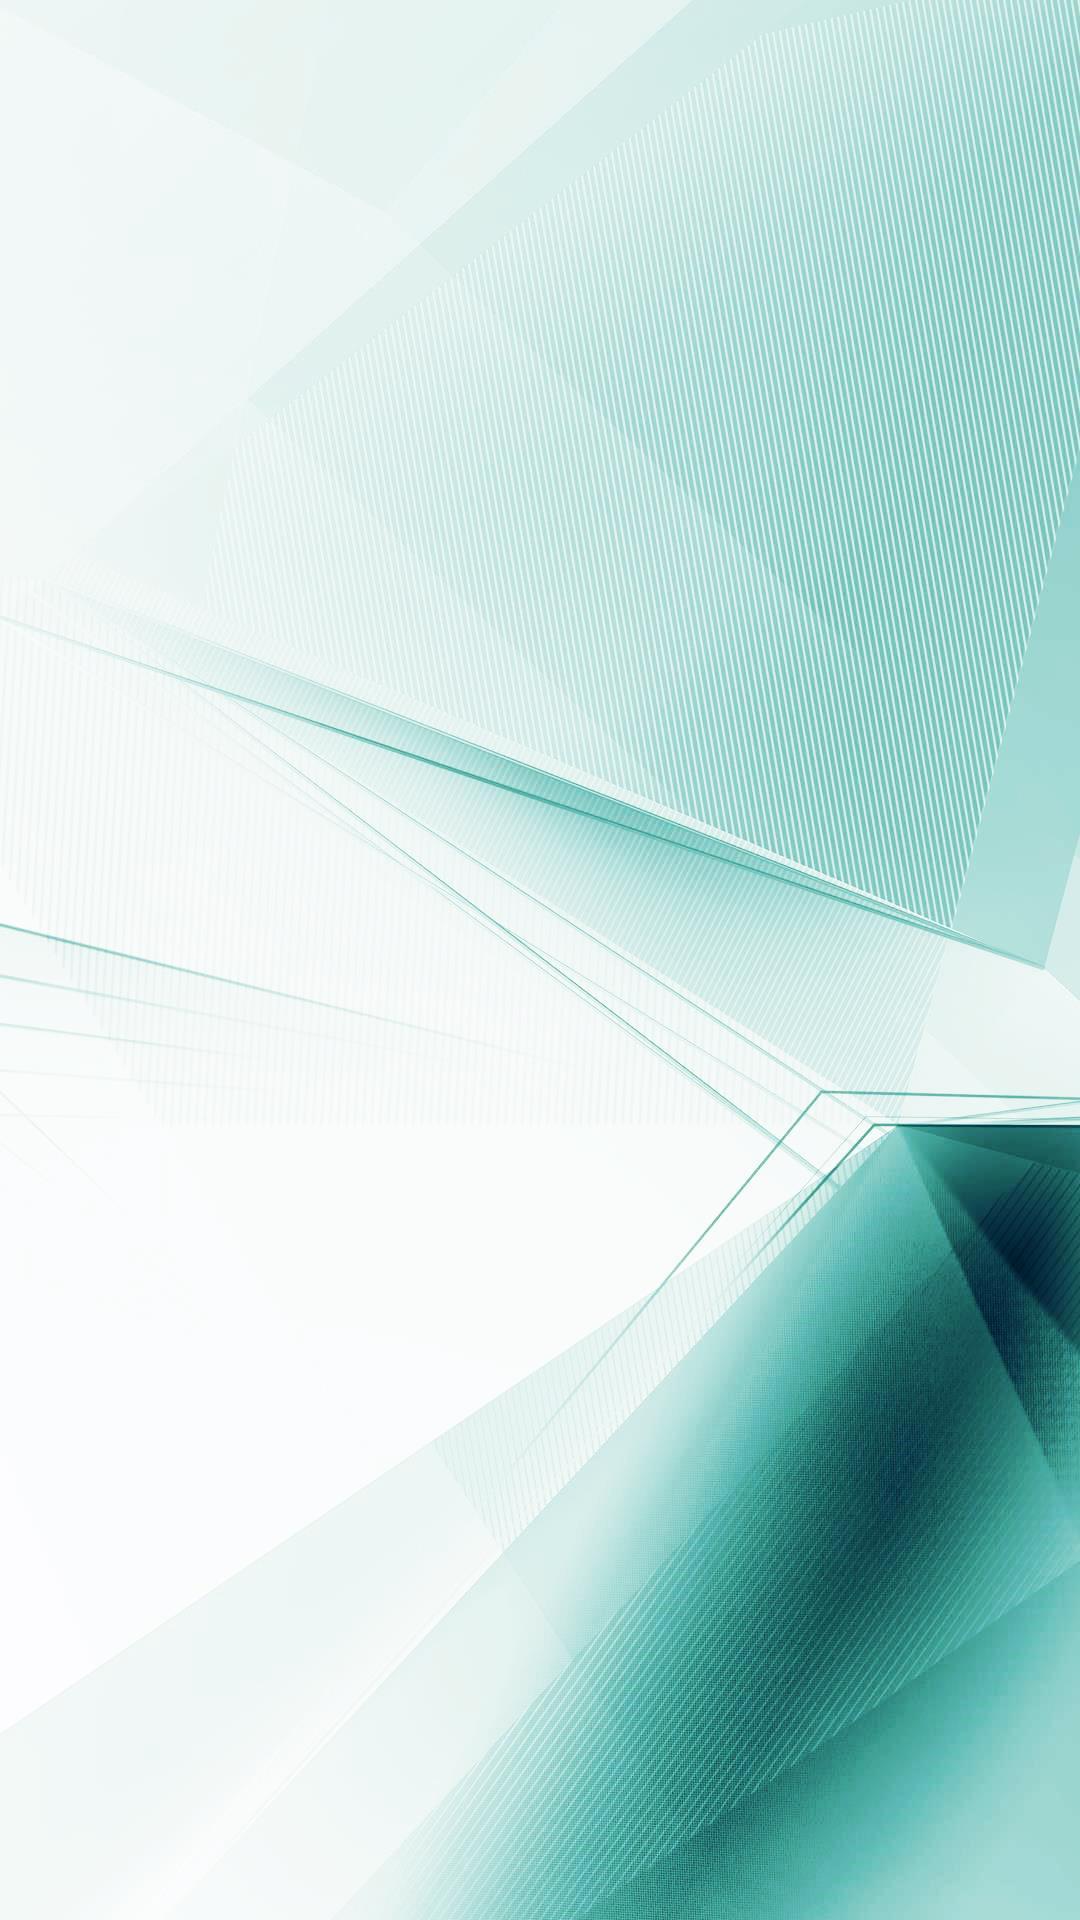 프리즘 컬러 파스텔 에디션 배경화면 (2).jpg